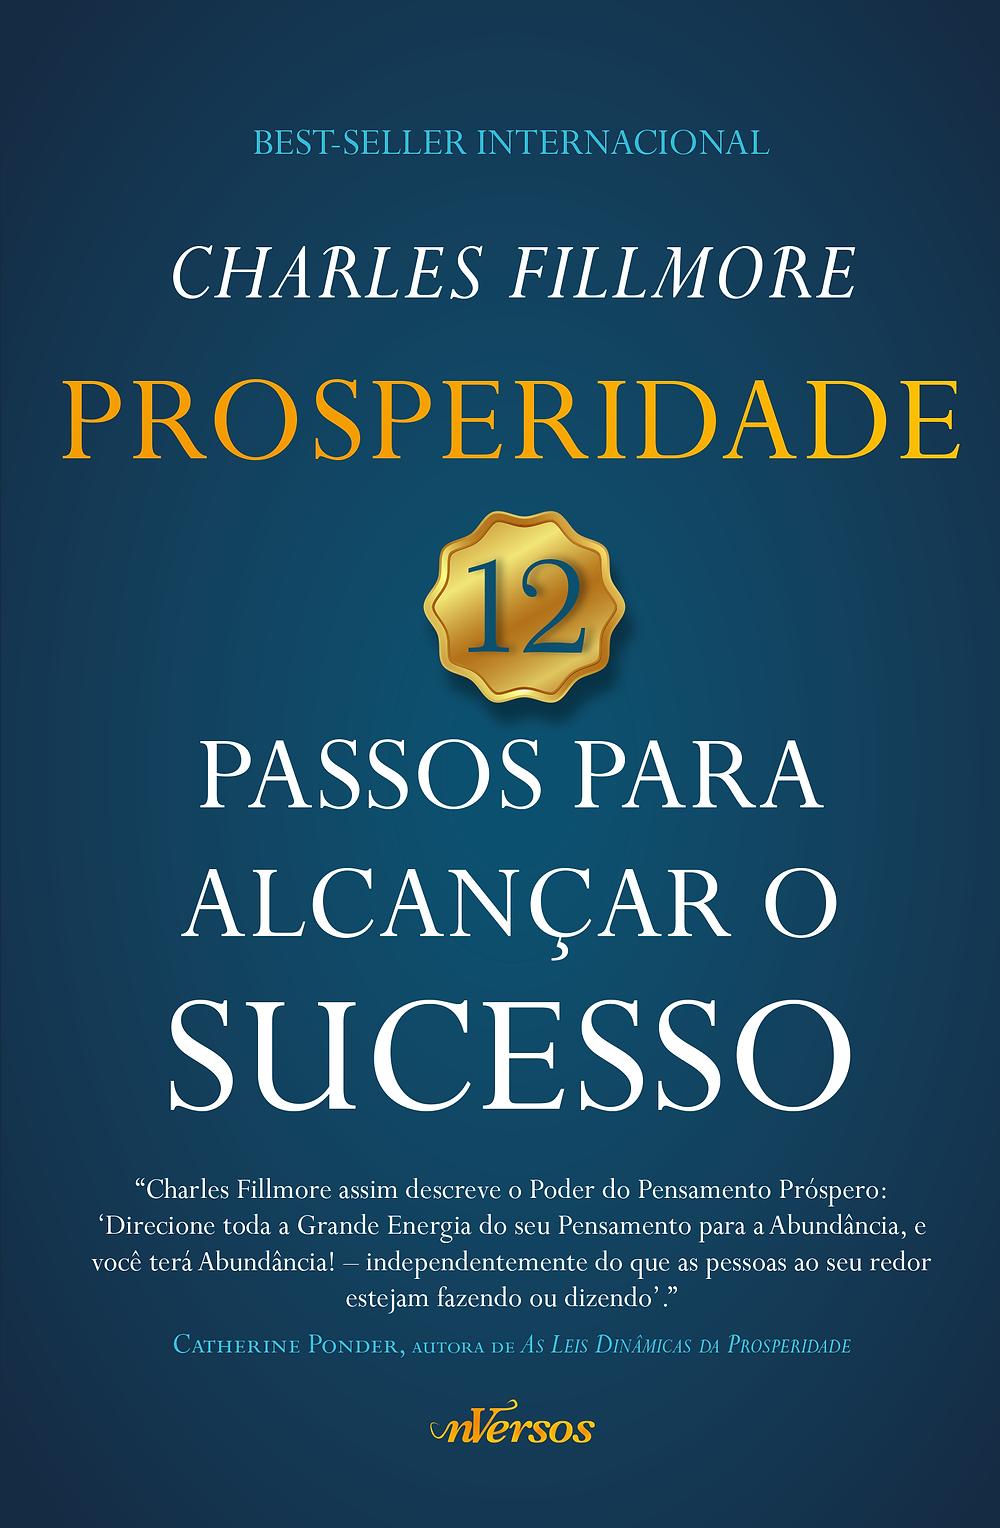 """Capa do livro """"Prosperidade: 12 Passos Para Alcançar o Sucesso""""."""